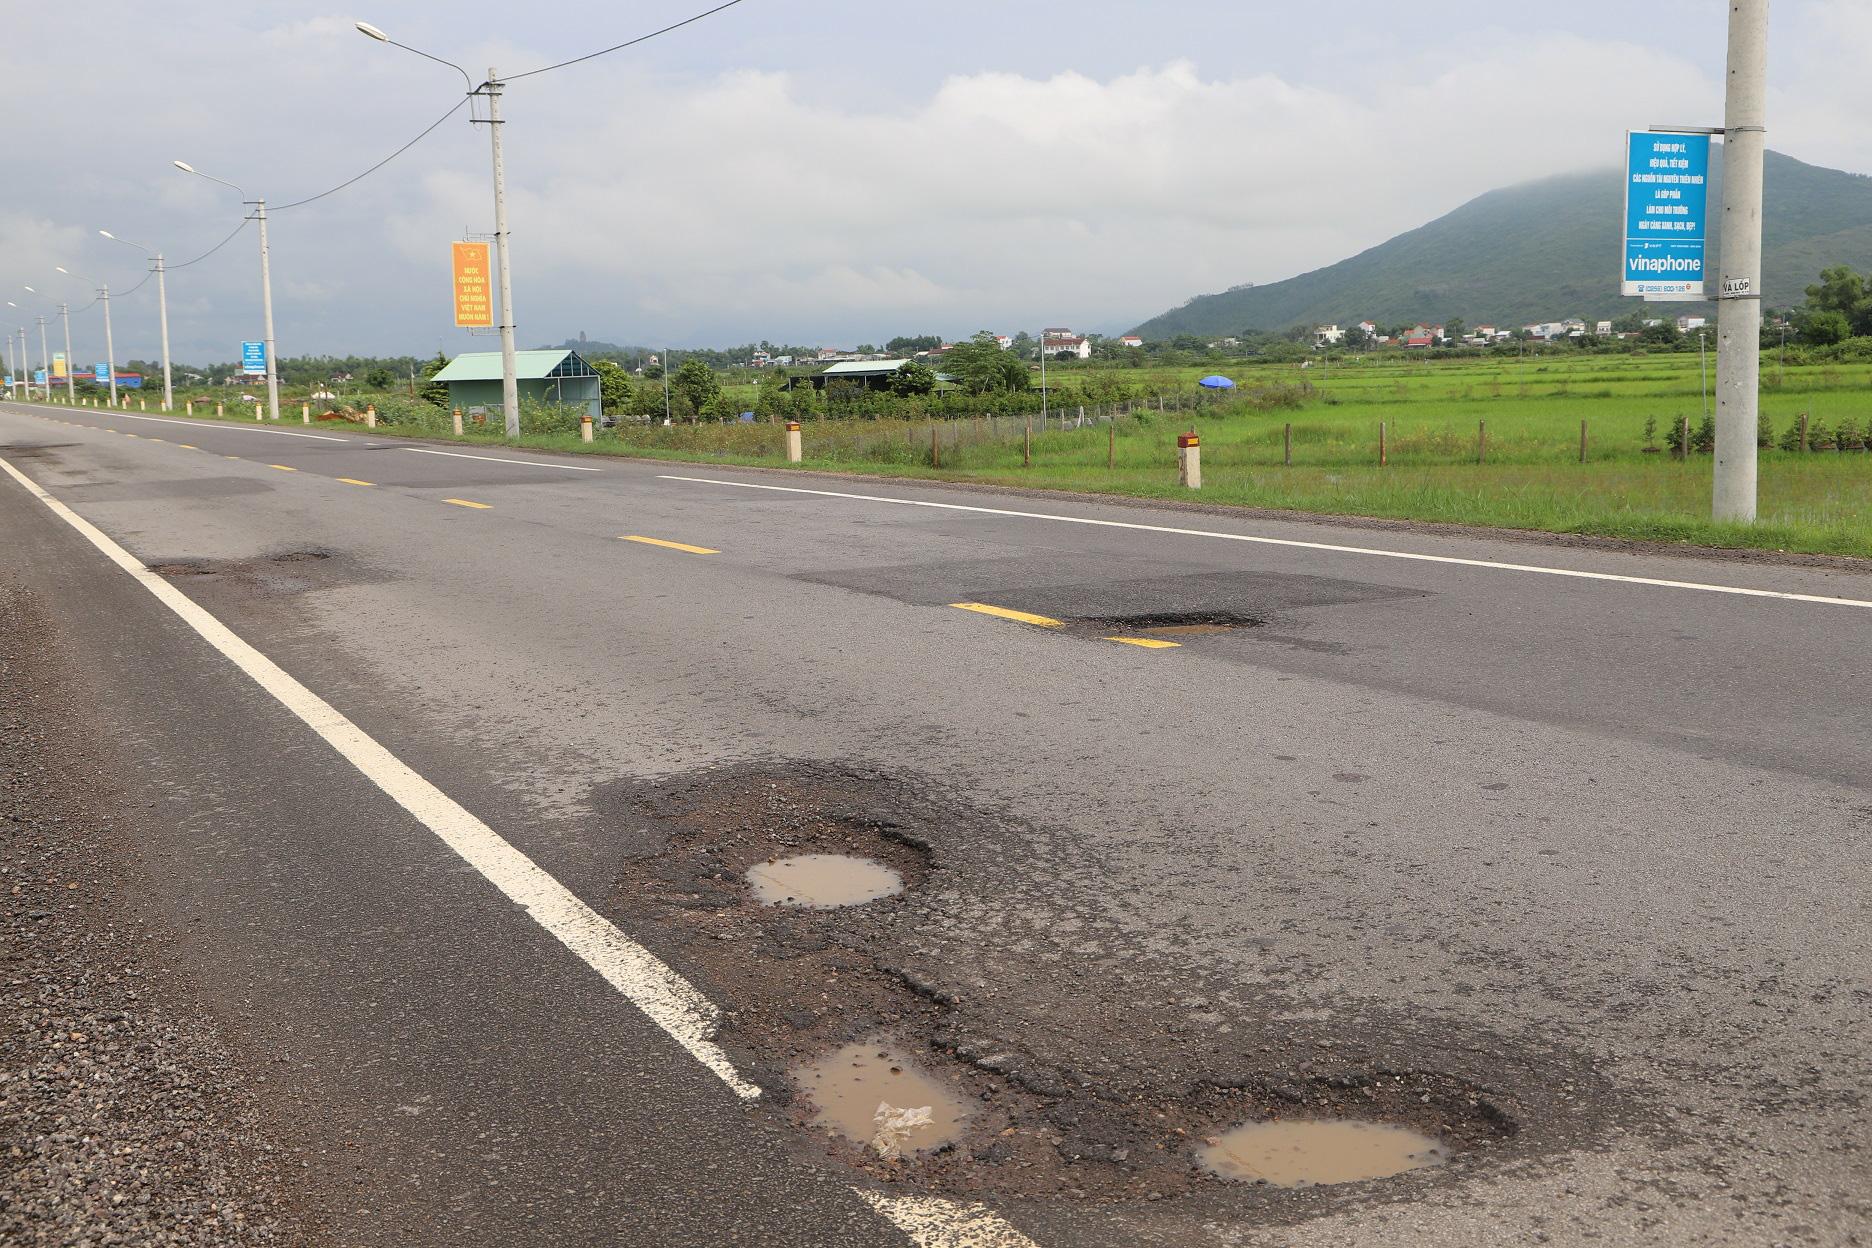 """Quốc lộ 1 ở Bình Định, từng bị gọi là đoạn đường """"xấu nhất Việt Nam""""… xuất hiện """"ổ voi, ổ gà""""  - Ảnh 13."""